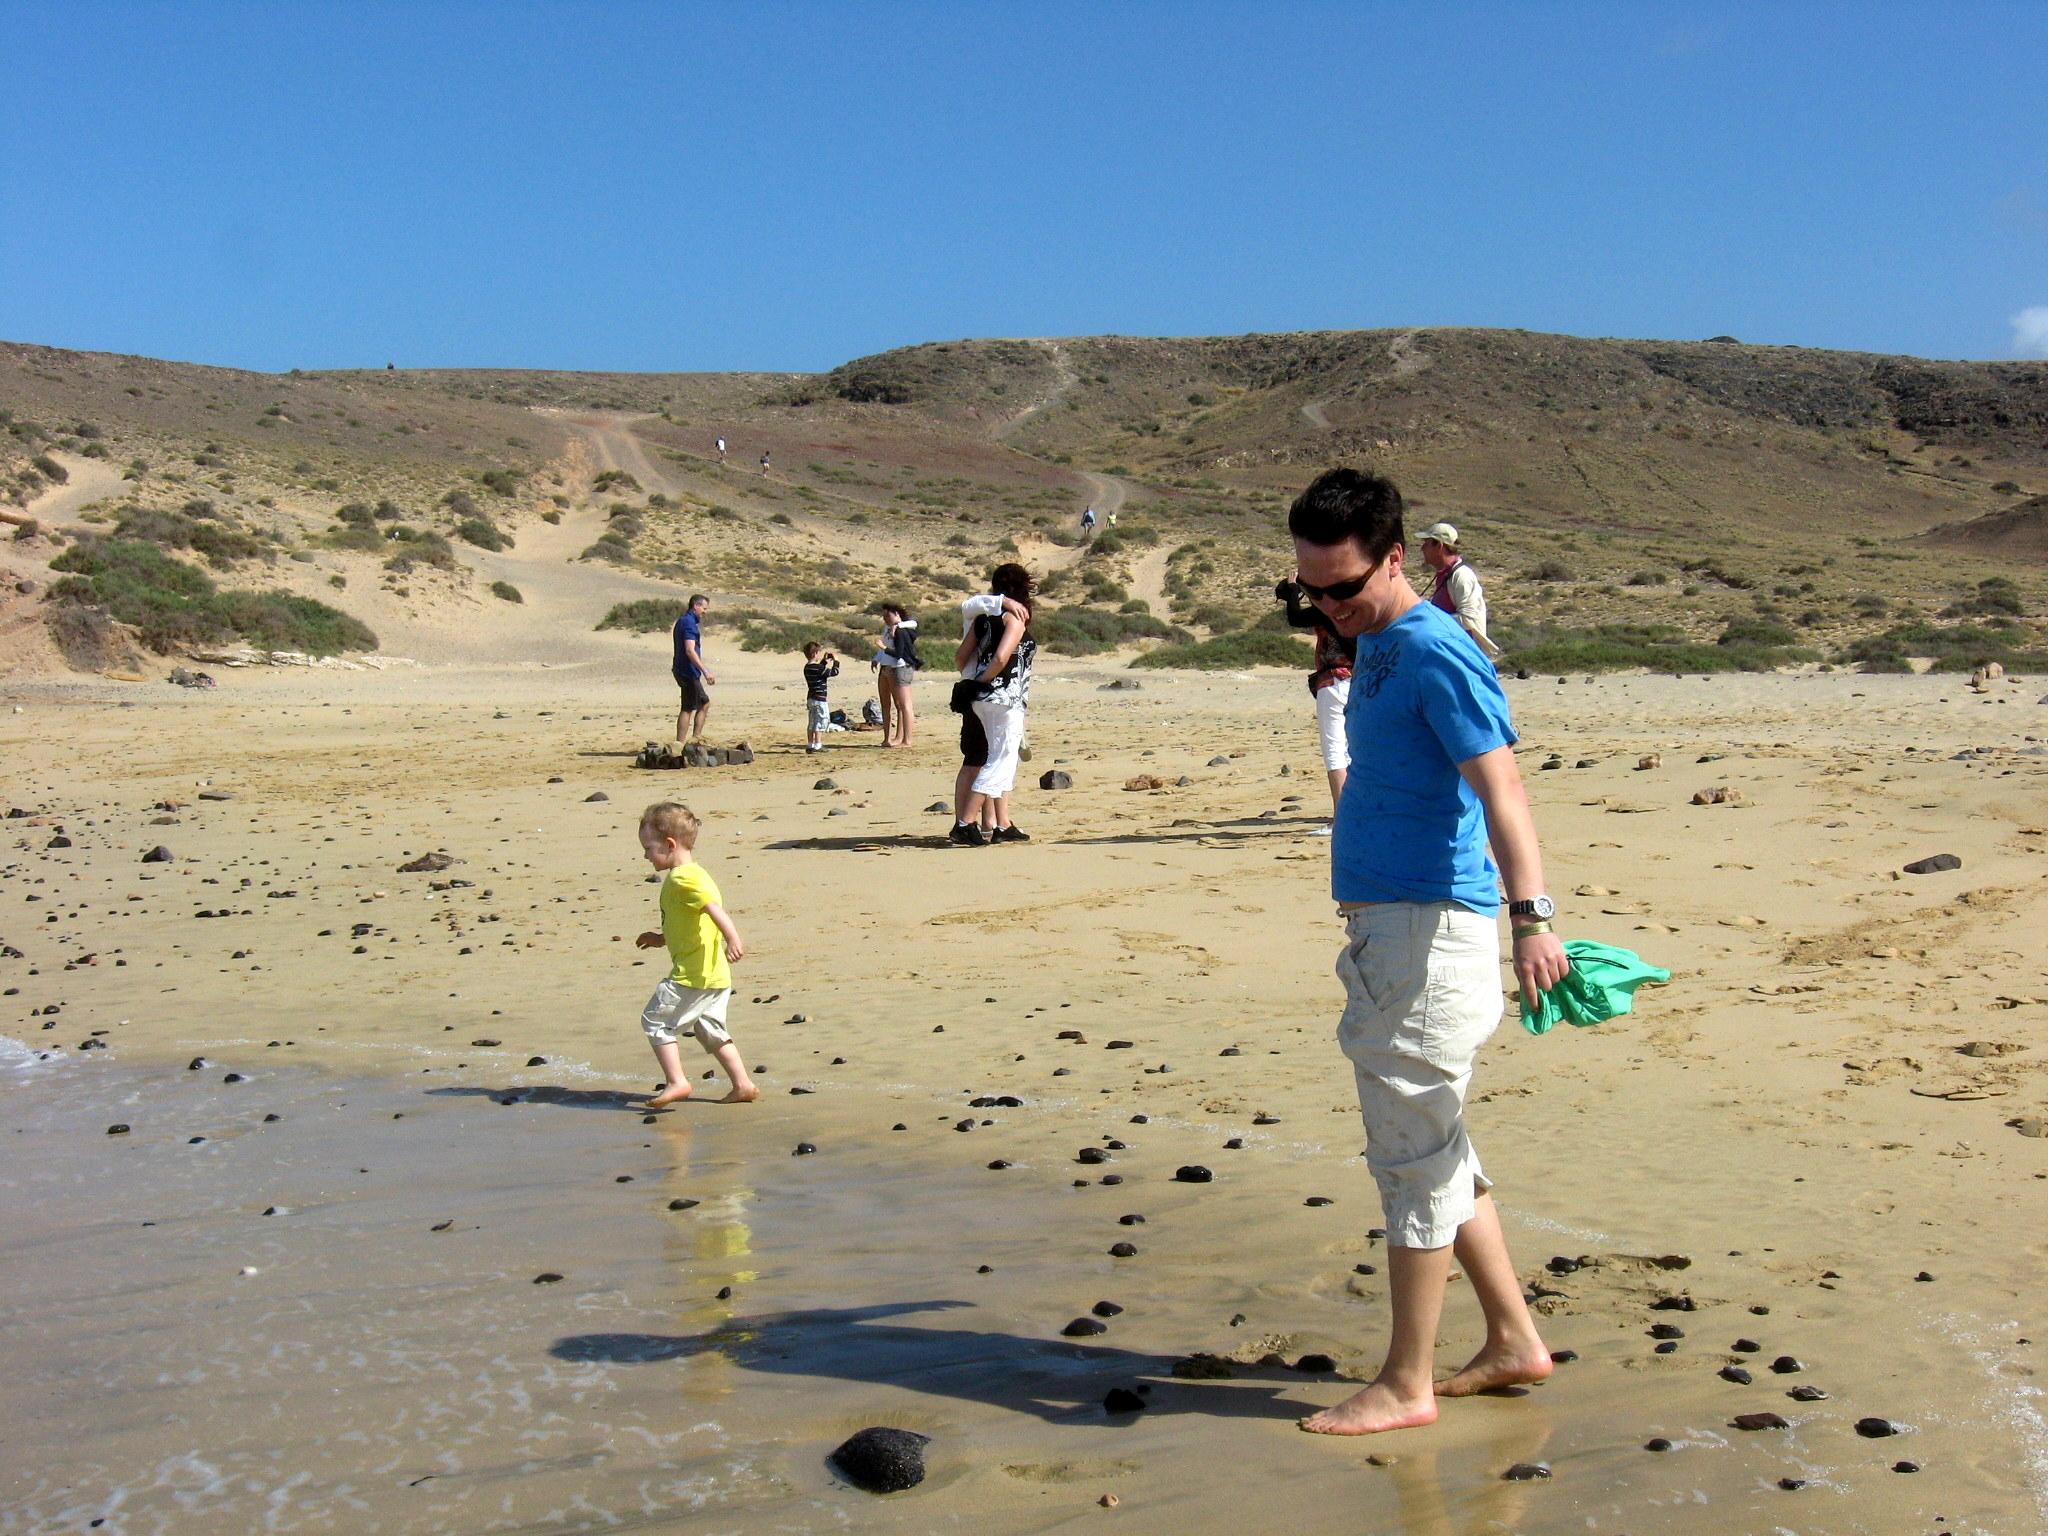 Familienurlaub an der Playa Blanca. Lanzarote. staedtereisen sonne familie europa  IMG 2514